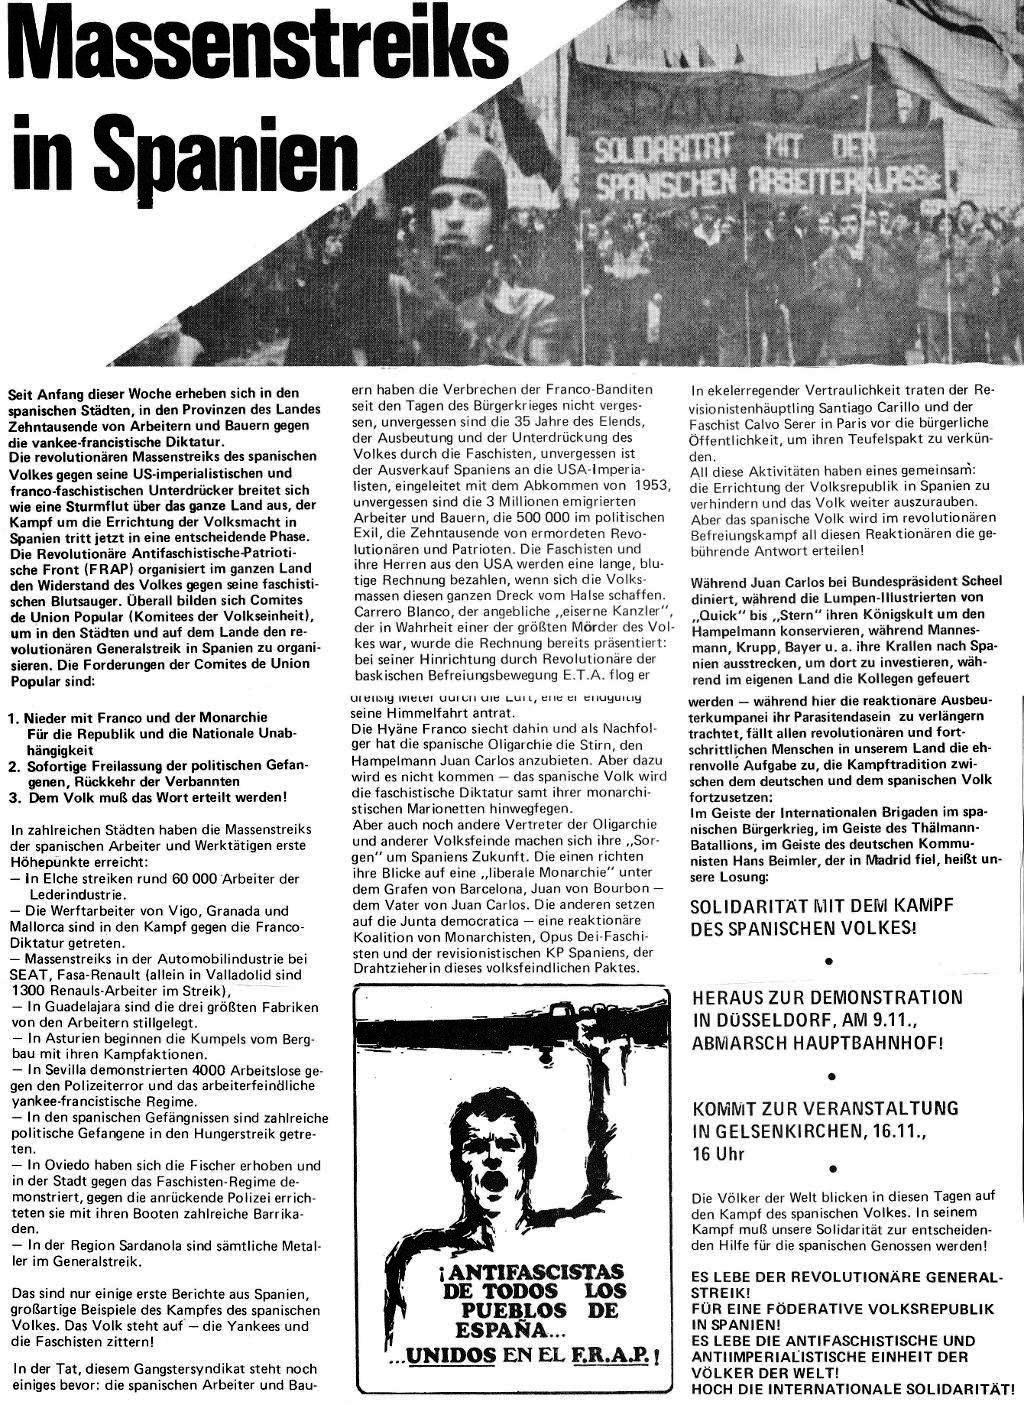 Massenstreiks in Spanien, aus: DVD 23/74 vom 31. Oktober 1974